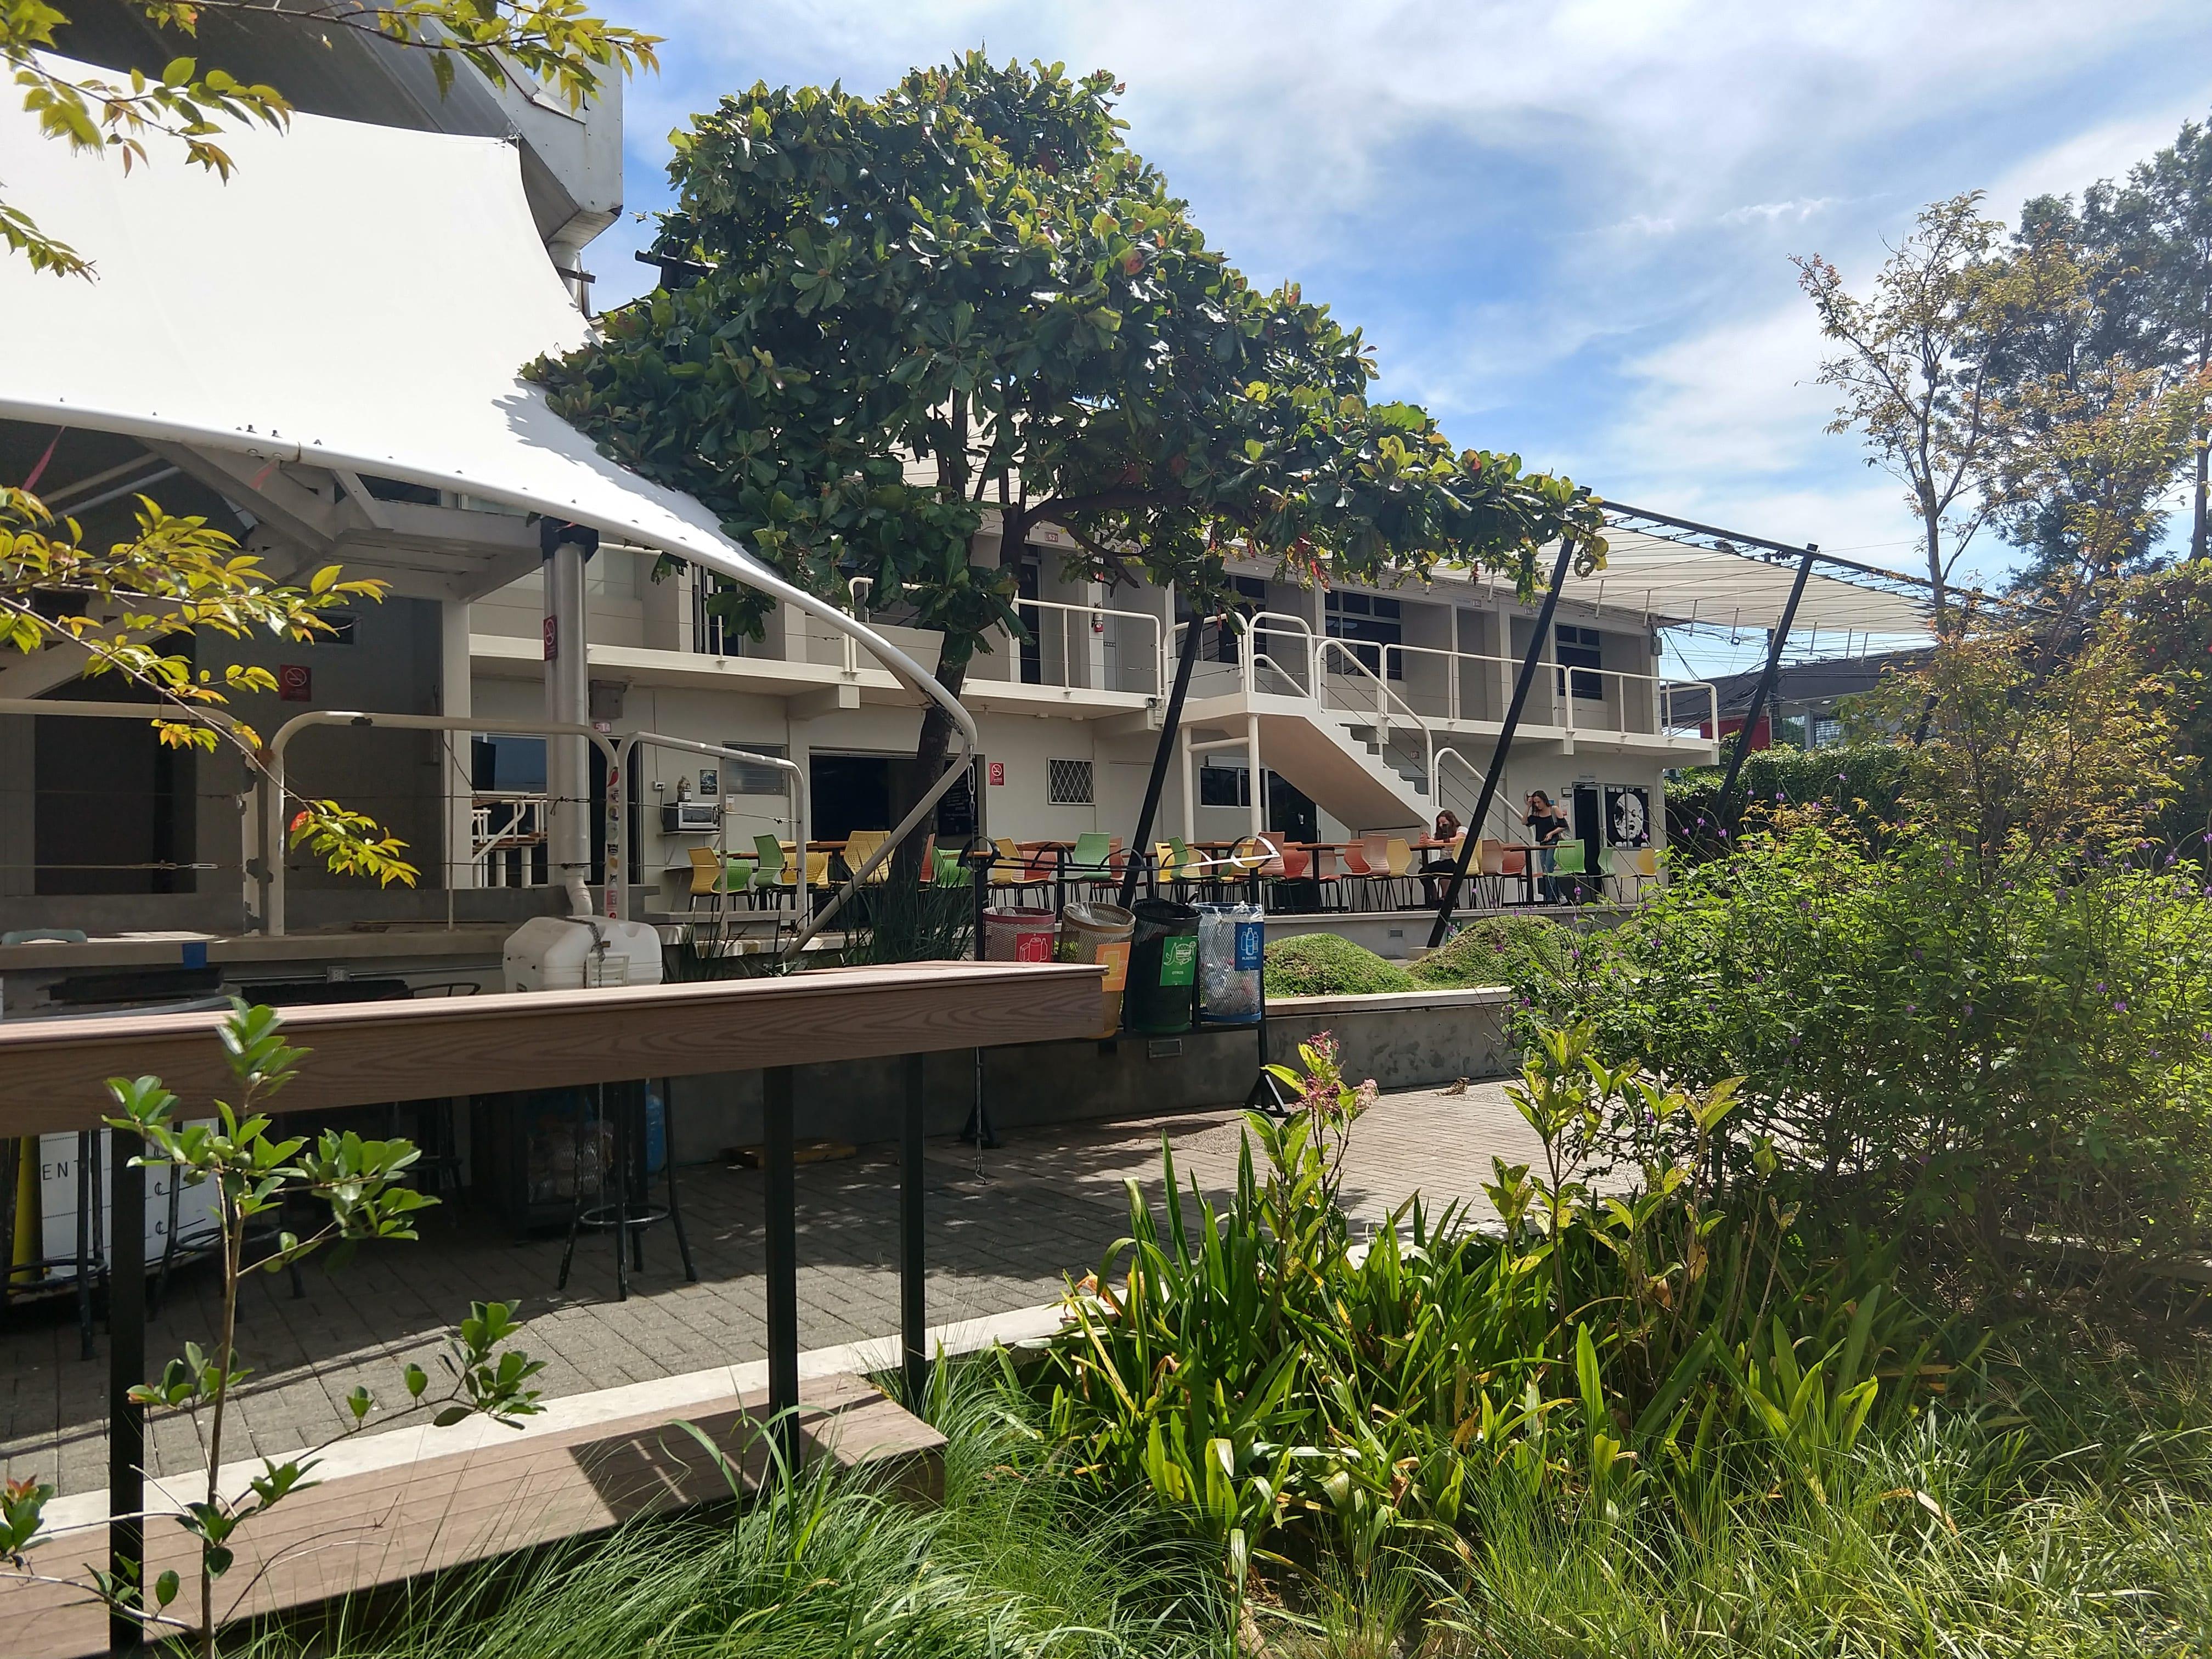 Universidad Veritas campus photos - exterior